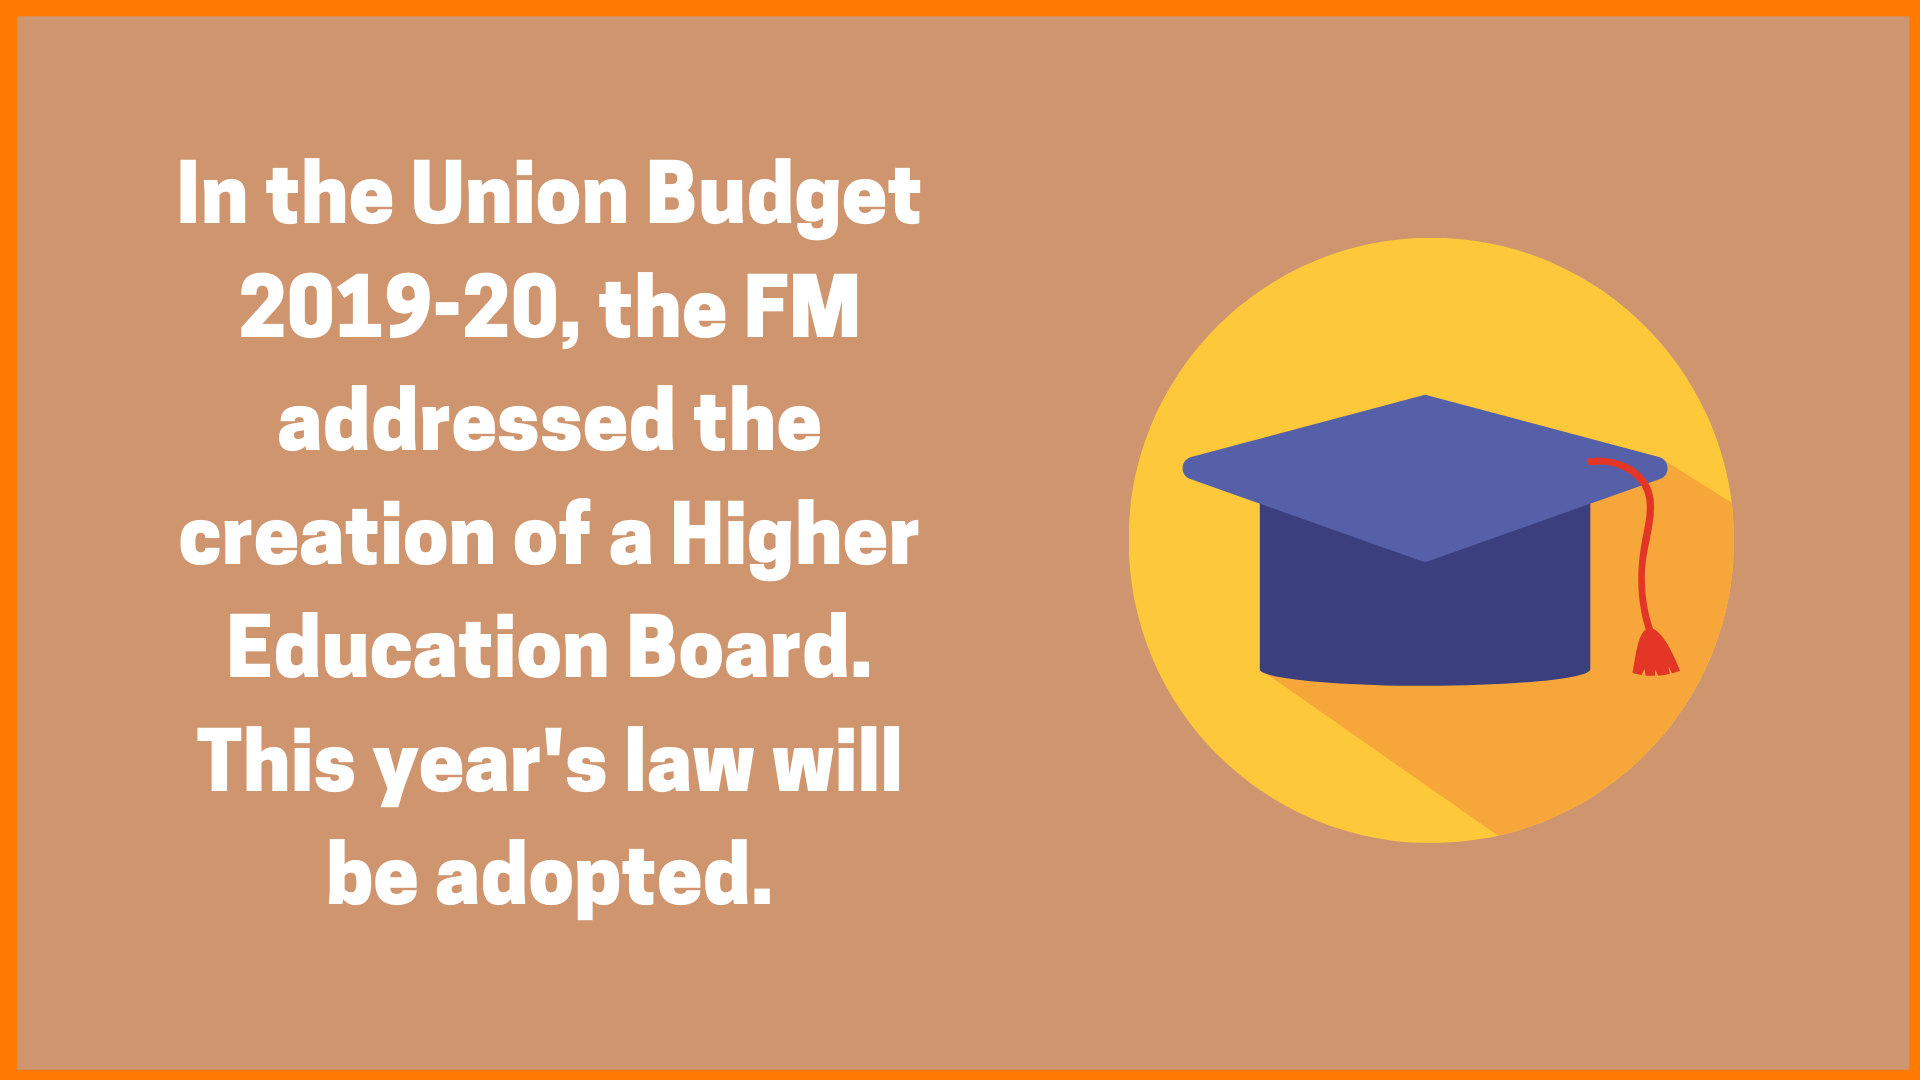 Higher Education Board